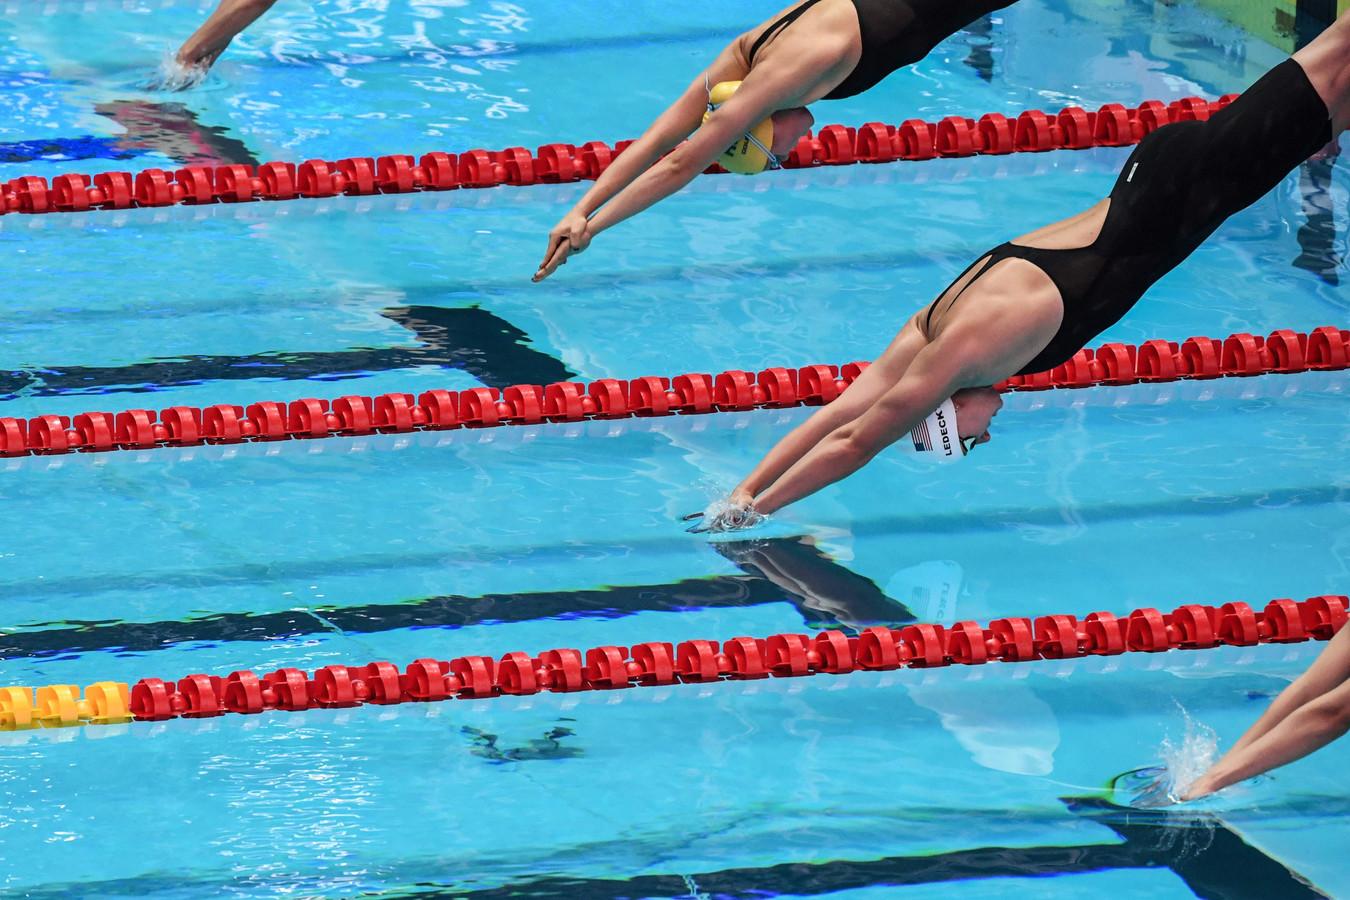 De start van de 1500 meter voor vrouwen bij het WK in Zuid-Korea.